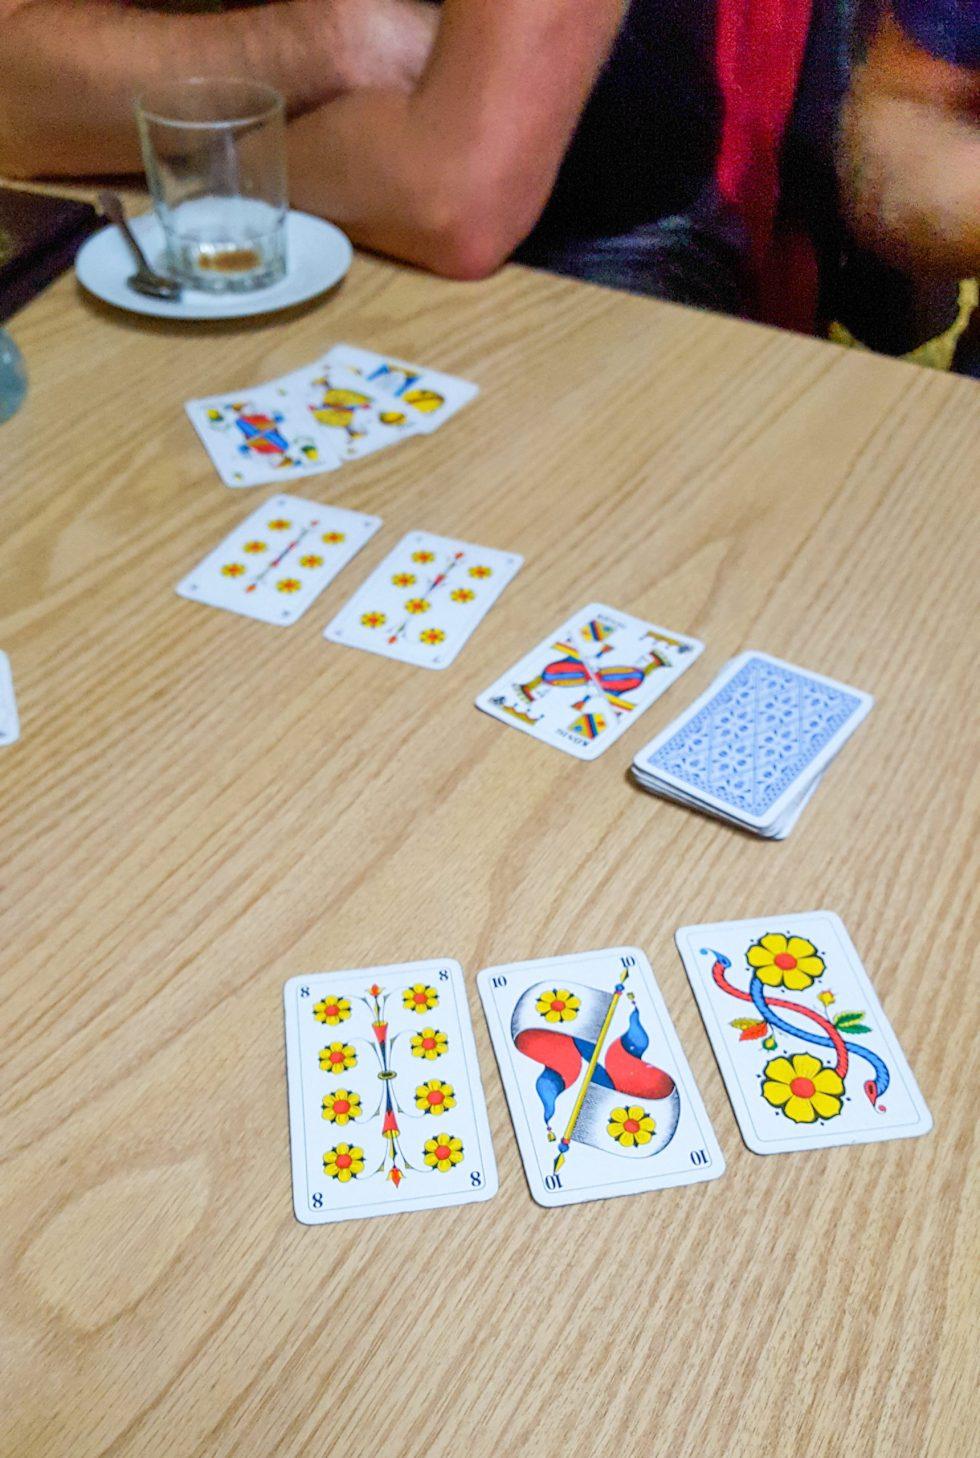 Kaartspelletjes spelen in het café